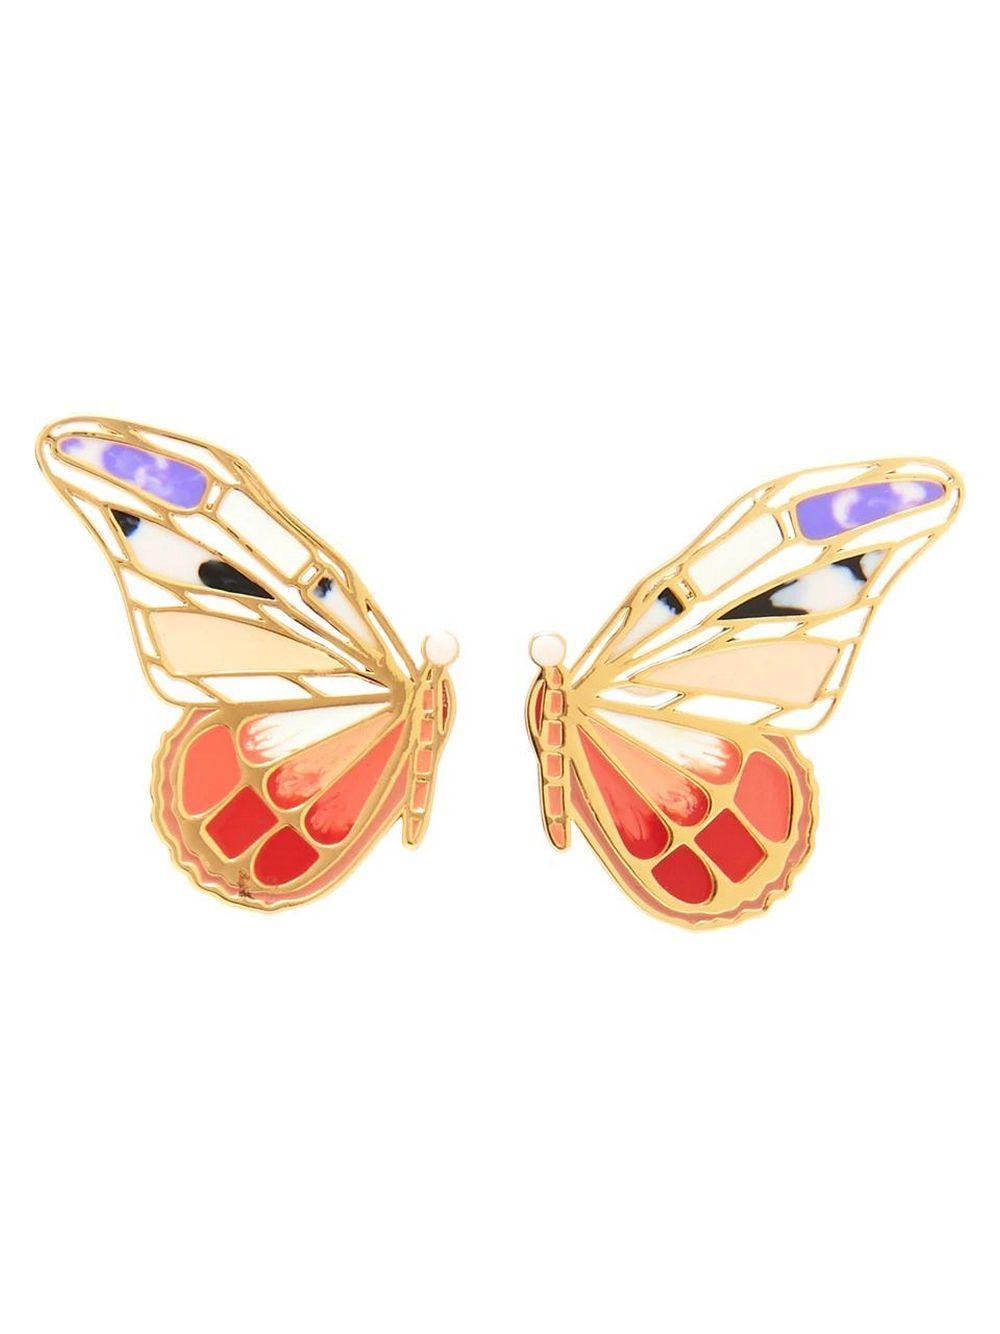 Mixed Butterfly Stud Earrings Item # E148